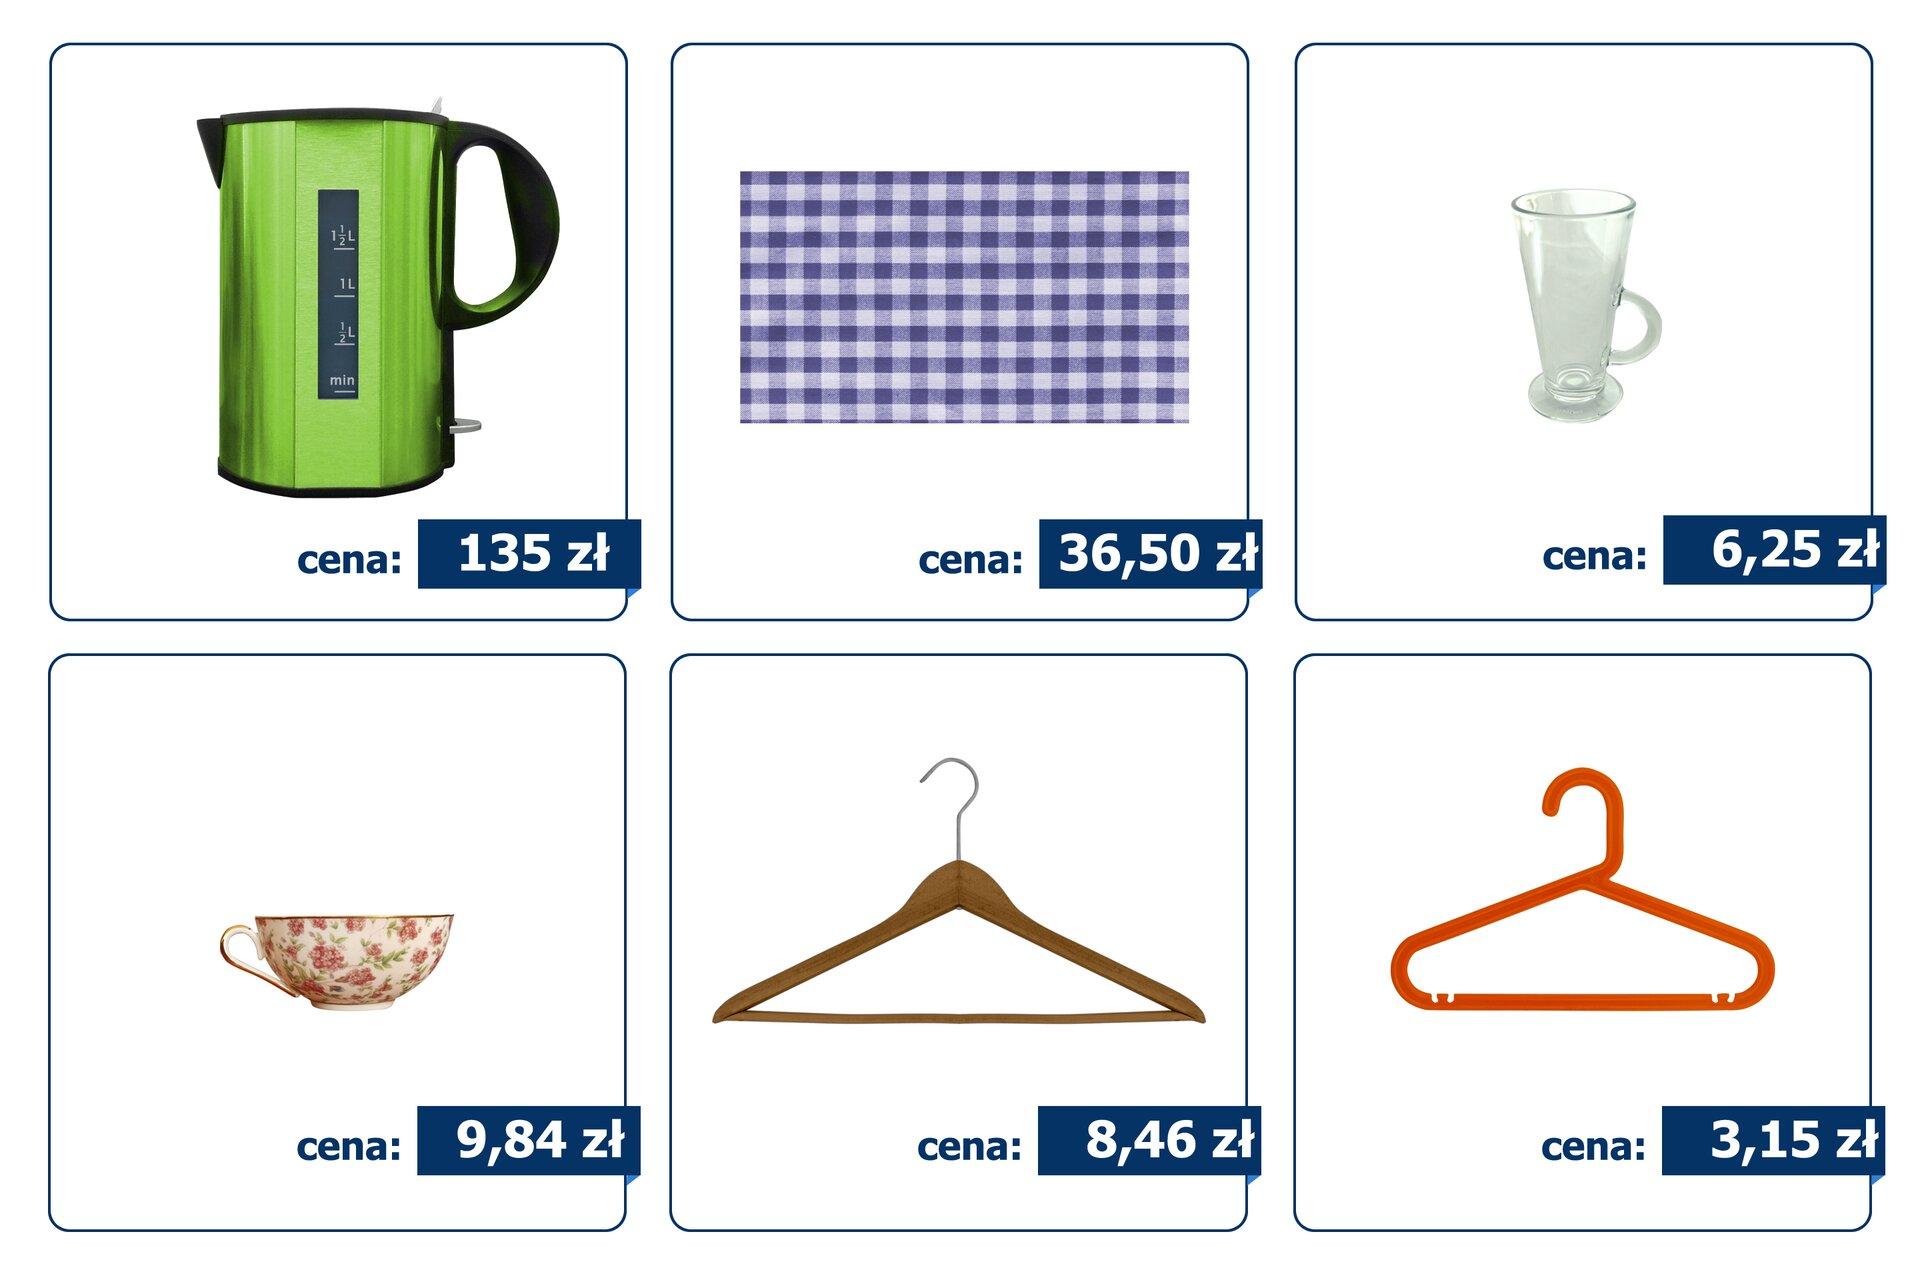 Rysunki sześciu artykułów gospodarstwa domowego, które kosztują: czajnik elektryczny - 135 zł, obrus – 36,50 zł, szklanka – 6,25 zł, filiżanka do kawy – 9,84 zł, drewniany wieszak – 8,46 zł iplastikowy wieszak – 3,15 zł.